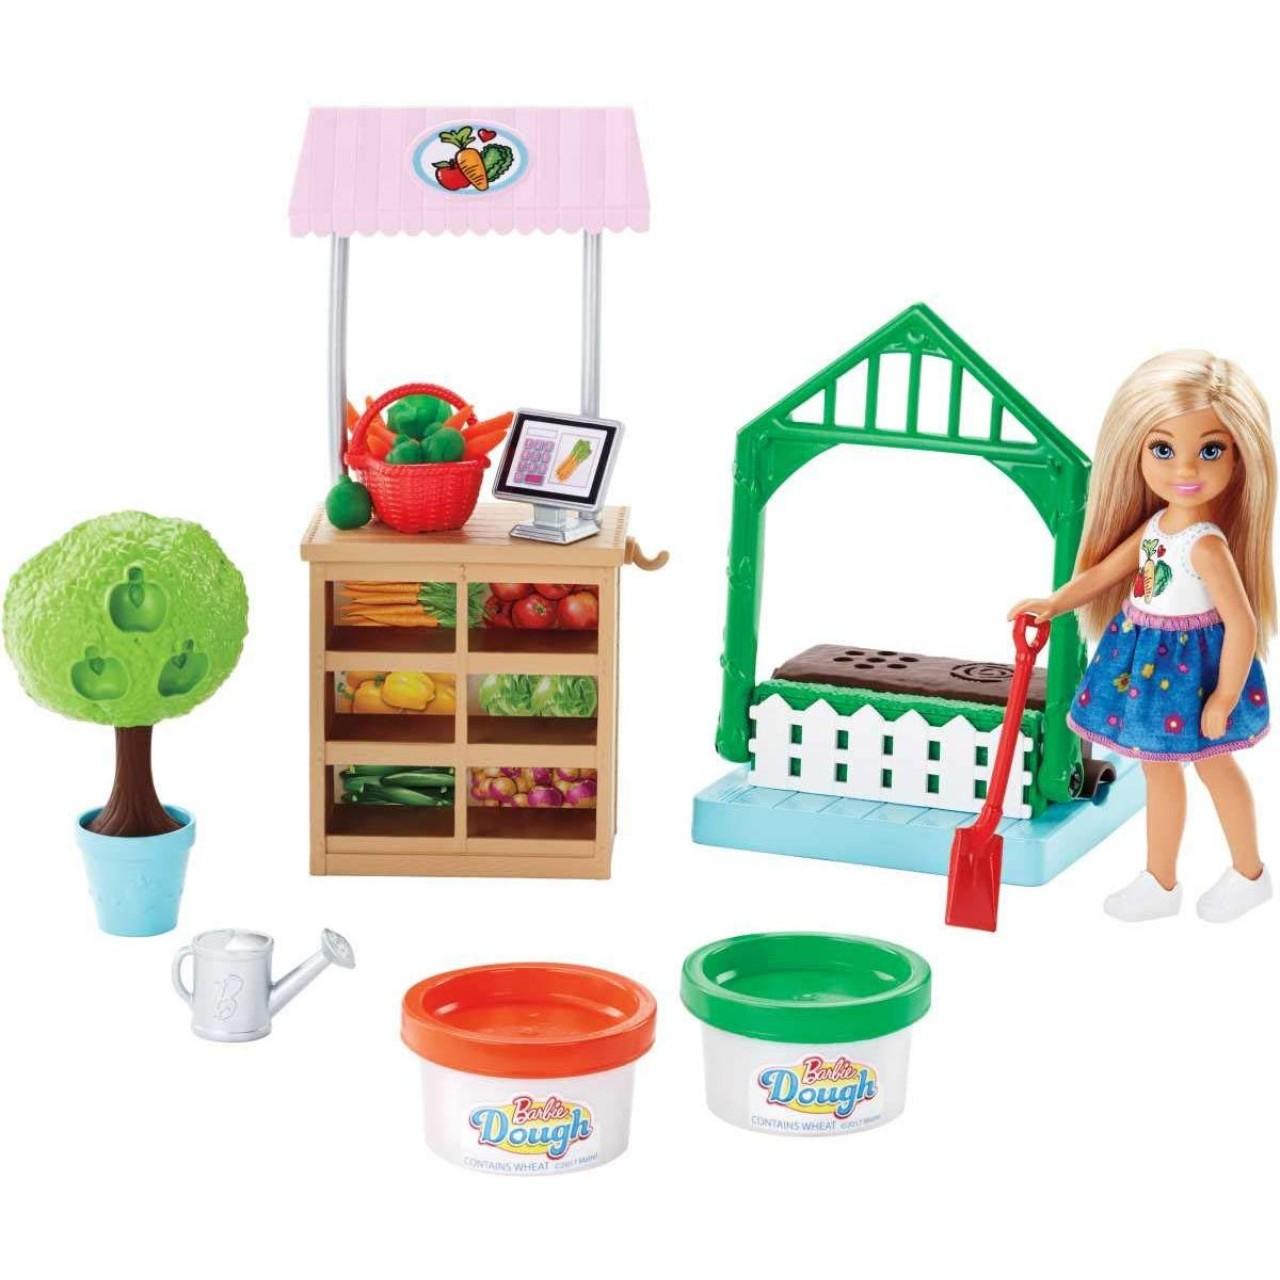 Набор Барби Челси в саду (FRH75) от Mattel